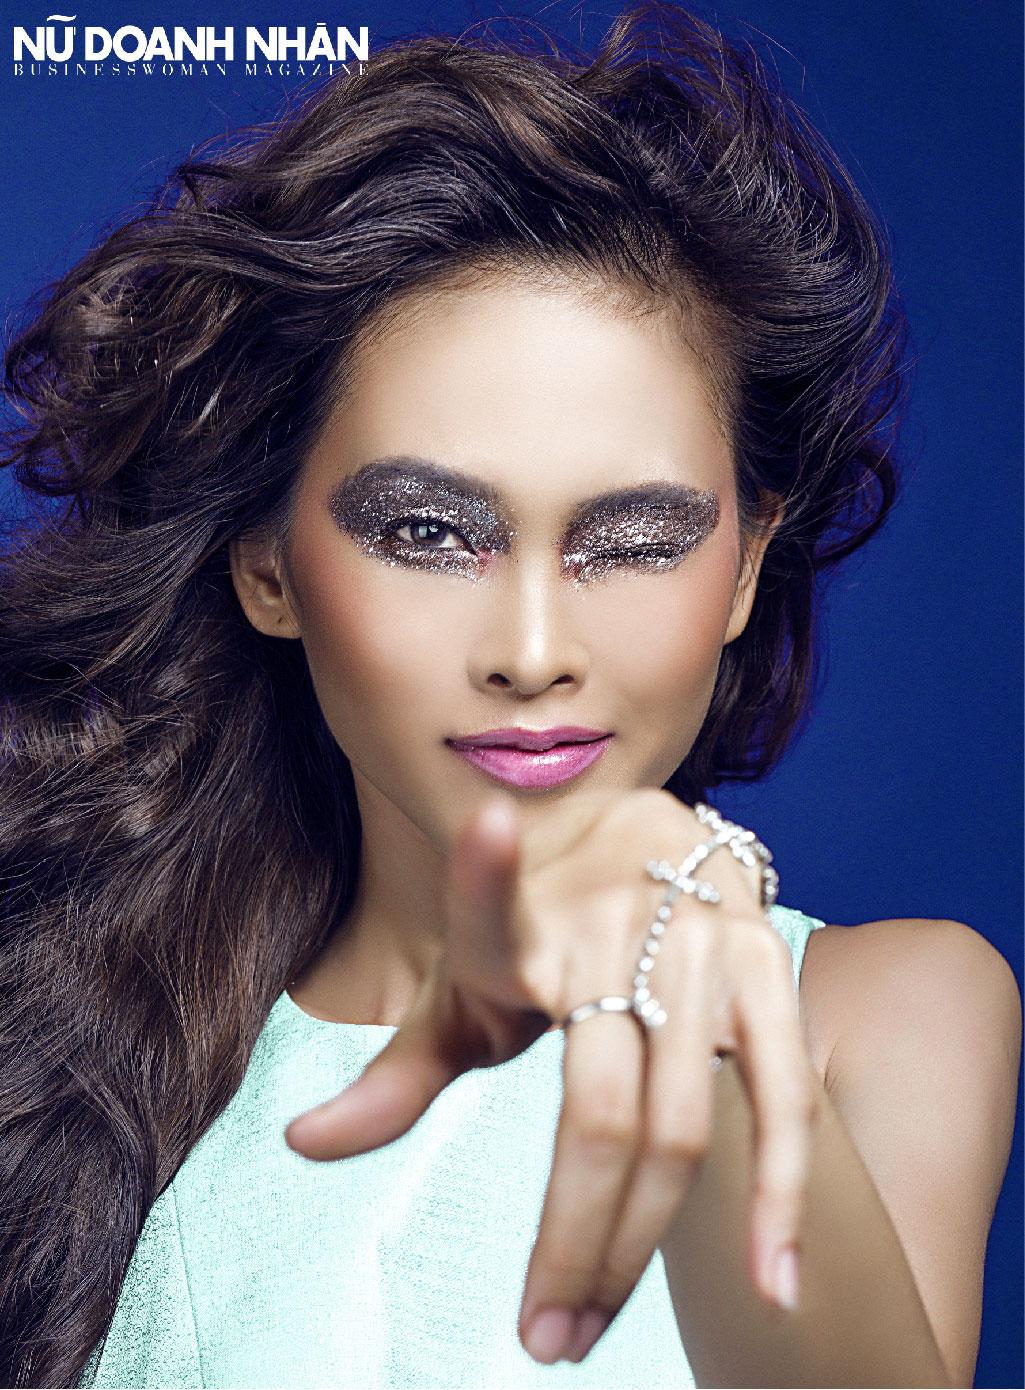 bộ ảnh beauty độc quyền của tạp chí nữ doanh nhân